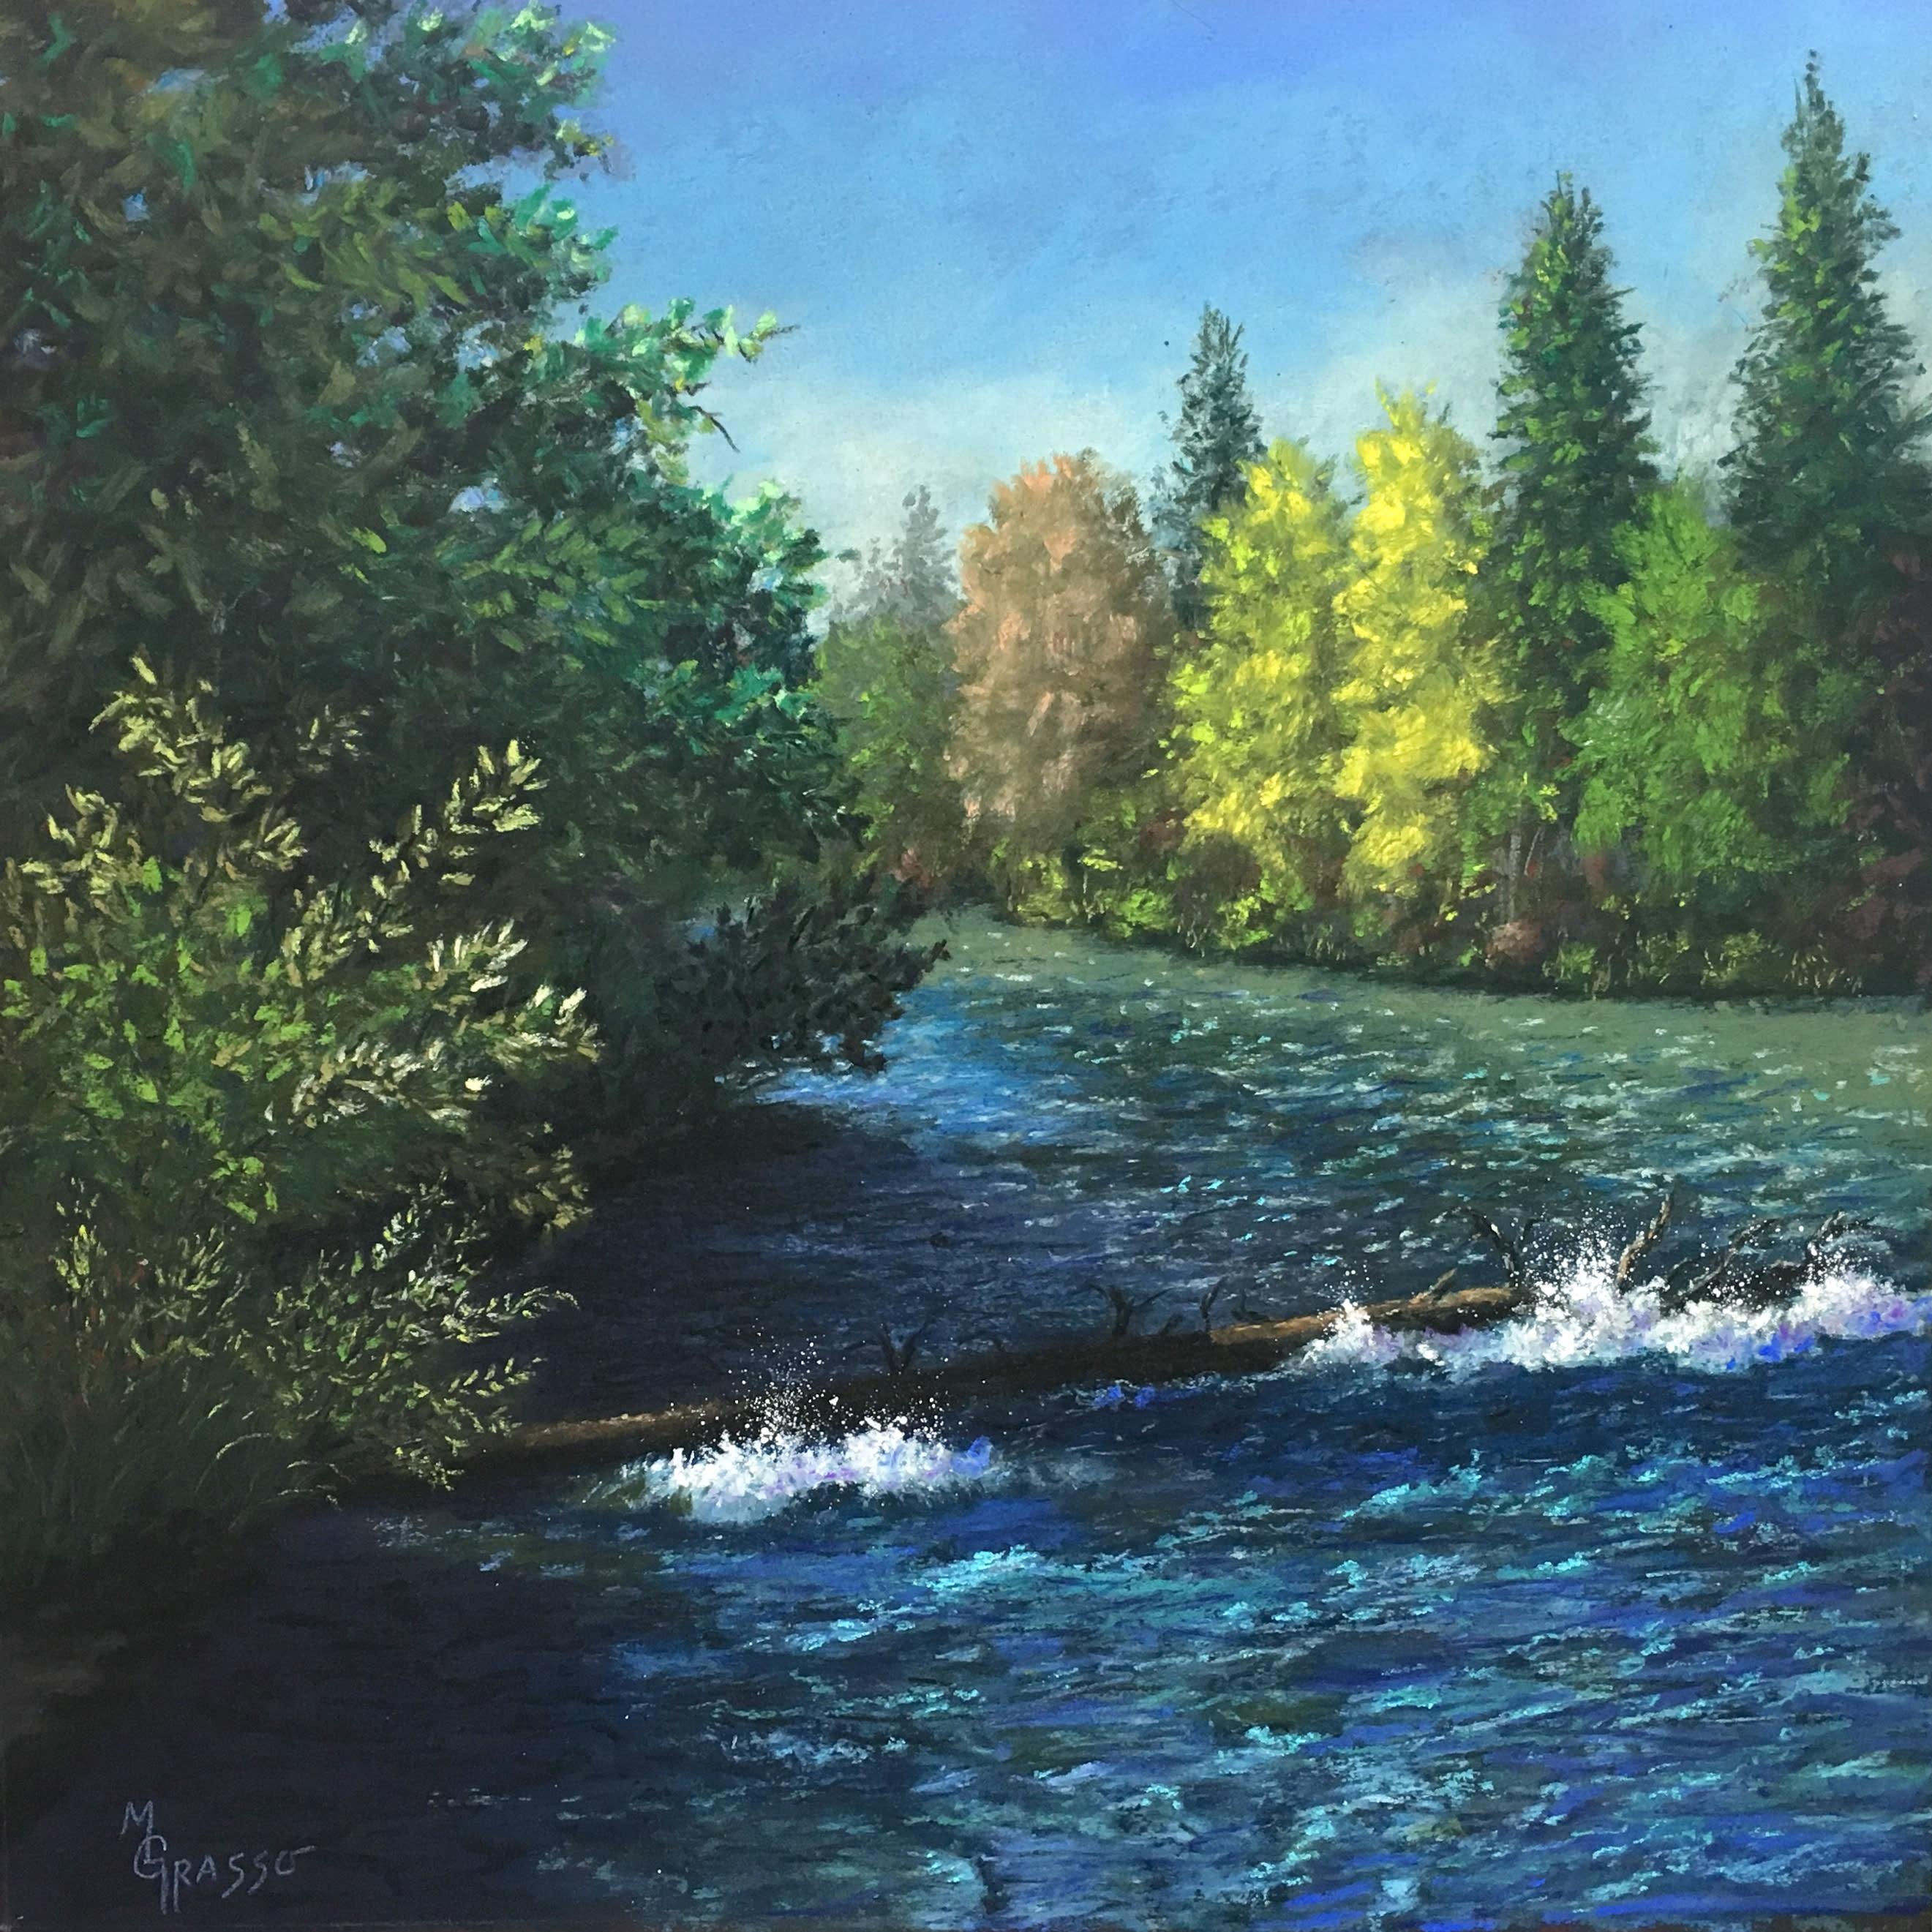 Snake river rapids qvoplg